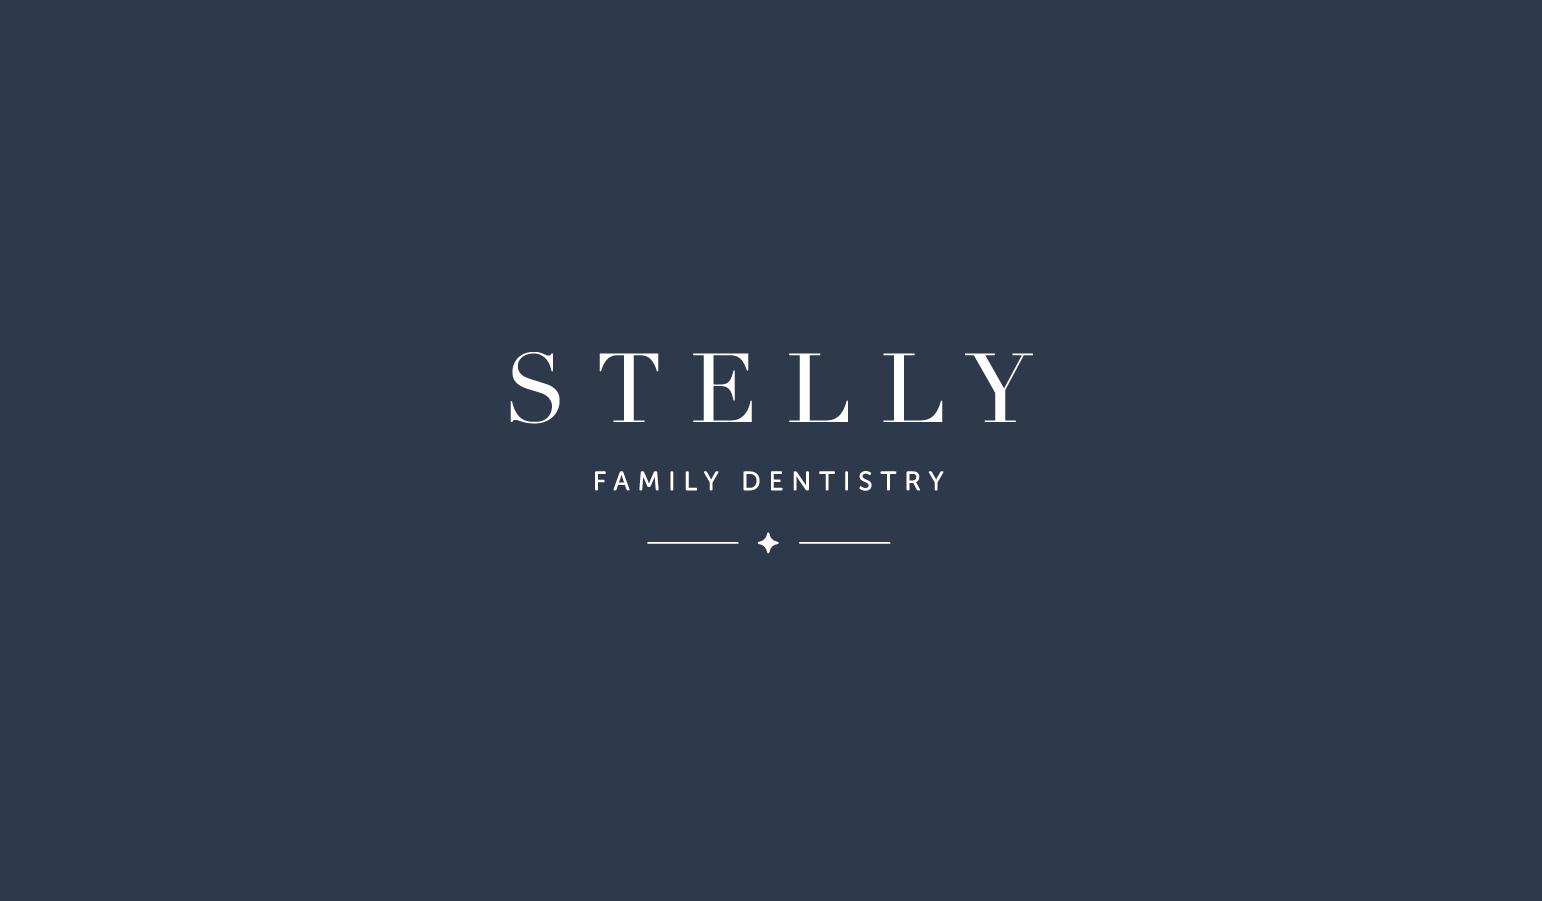 SFD-Brand-Full-Logo.jpg